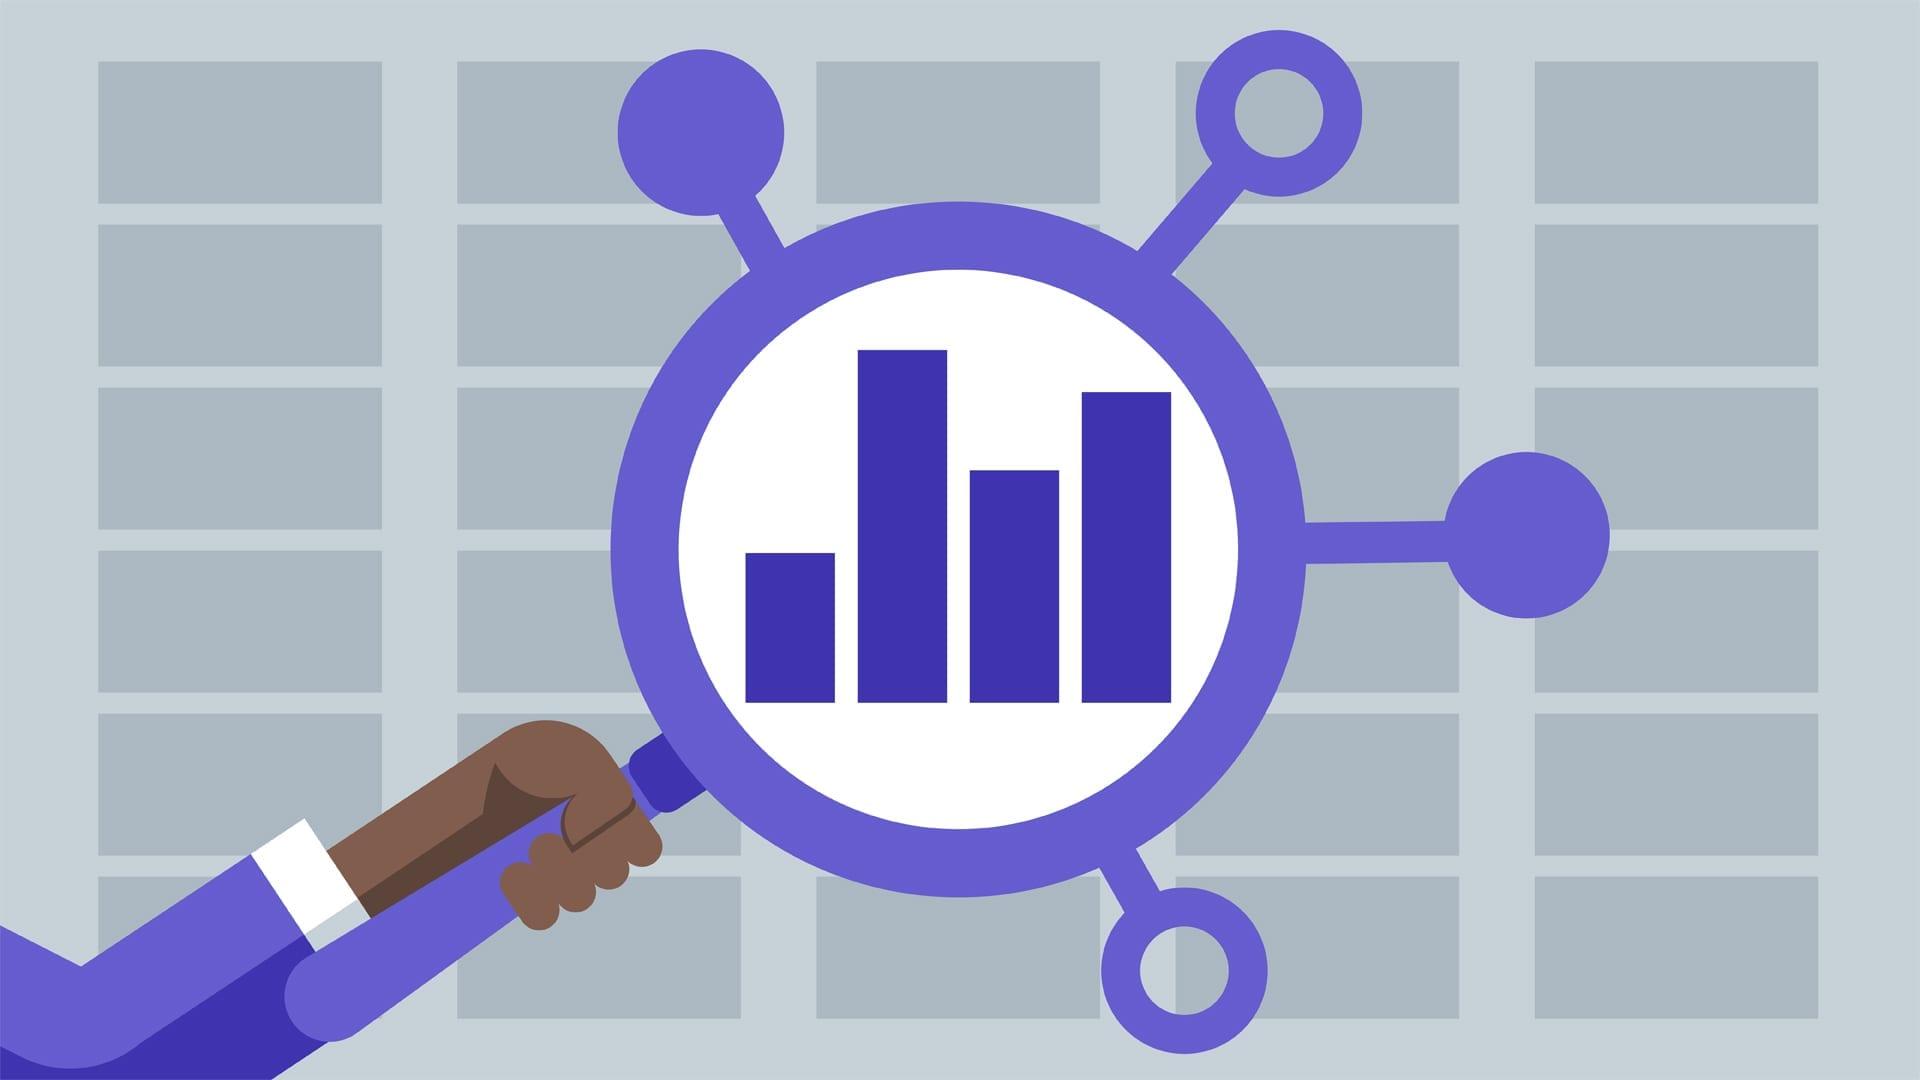 انشاء موقع الكتروني بواسطة التحليلات والأرقام أمر مهم لهذه الأسباب